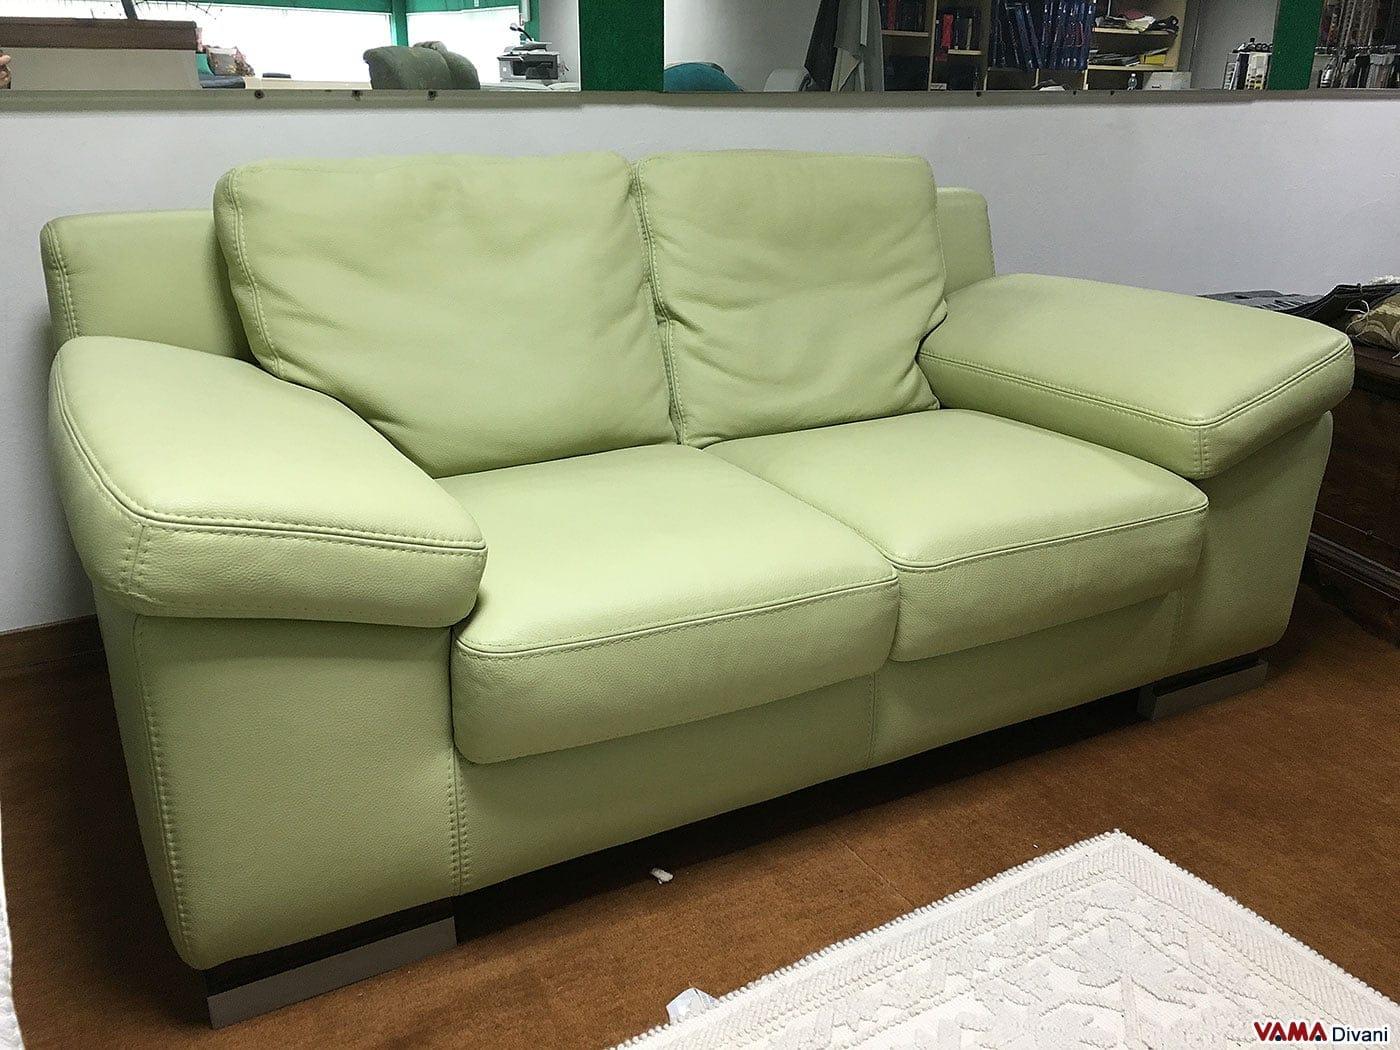 Divano in offerta 2 posti moderno in vera pelle verde - Offerte divani letto ikea ...